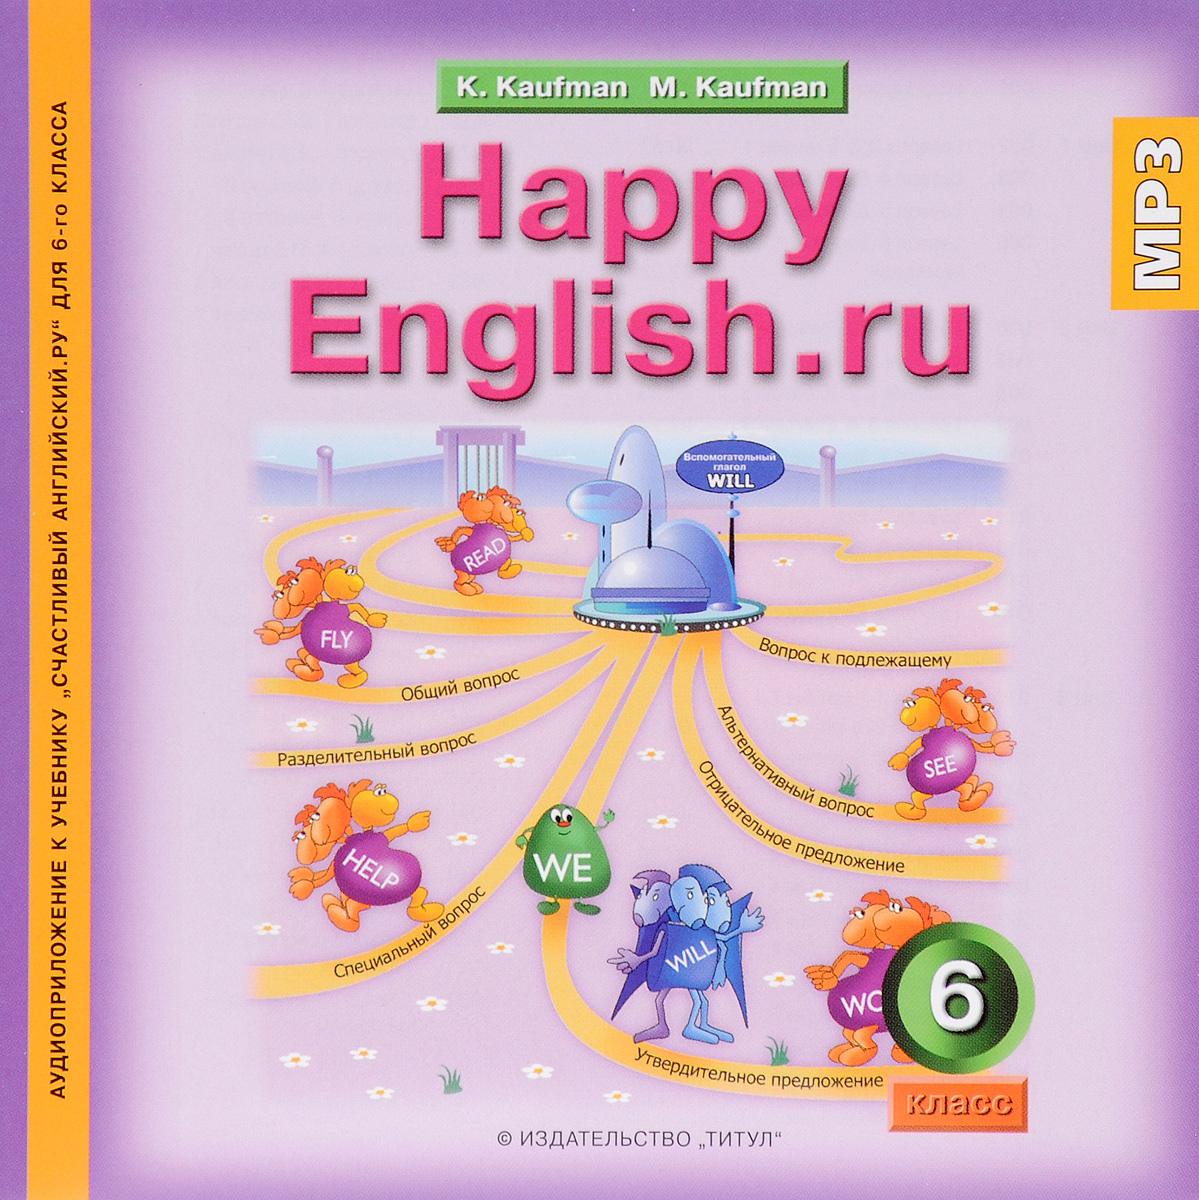 Happy English.ru 6 / Счастливый английский.ру. Английский язык. 6 класс. Электронное учебное пособие английский язык для педагогов учебное пособие